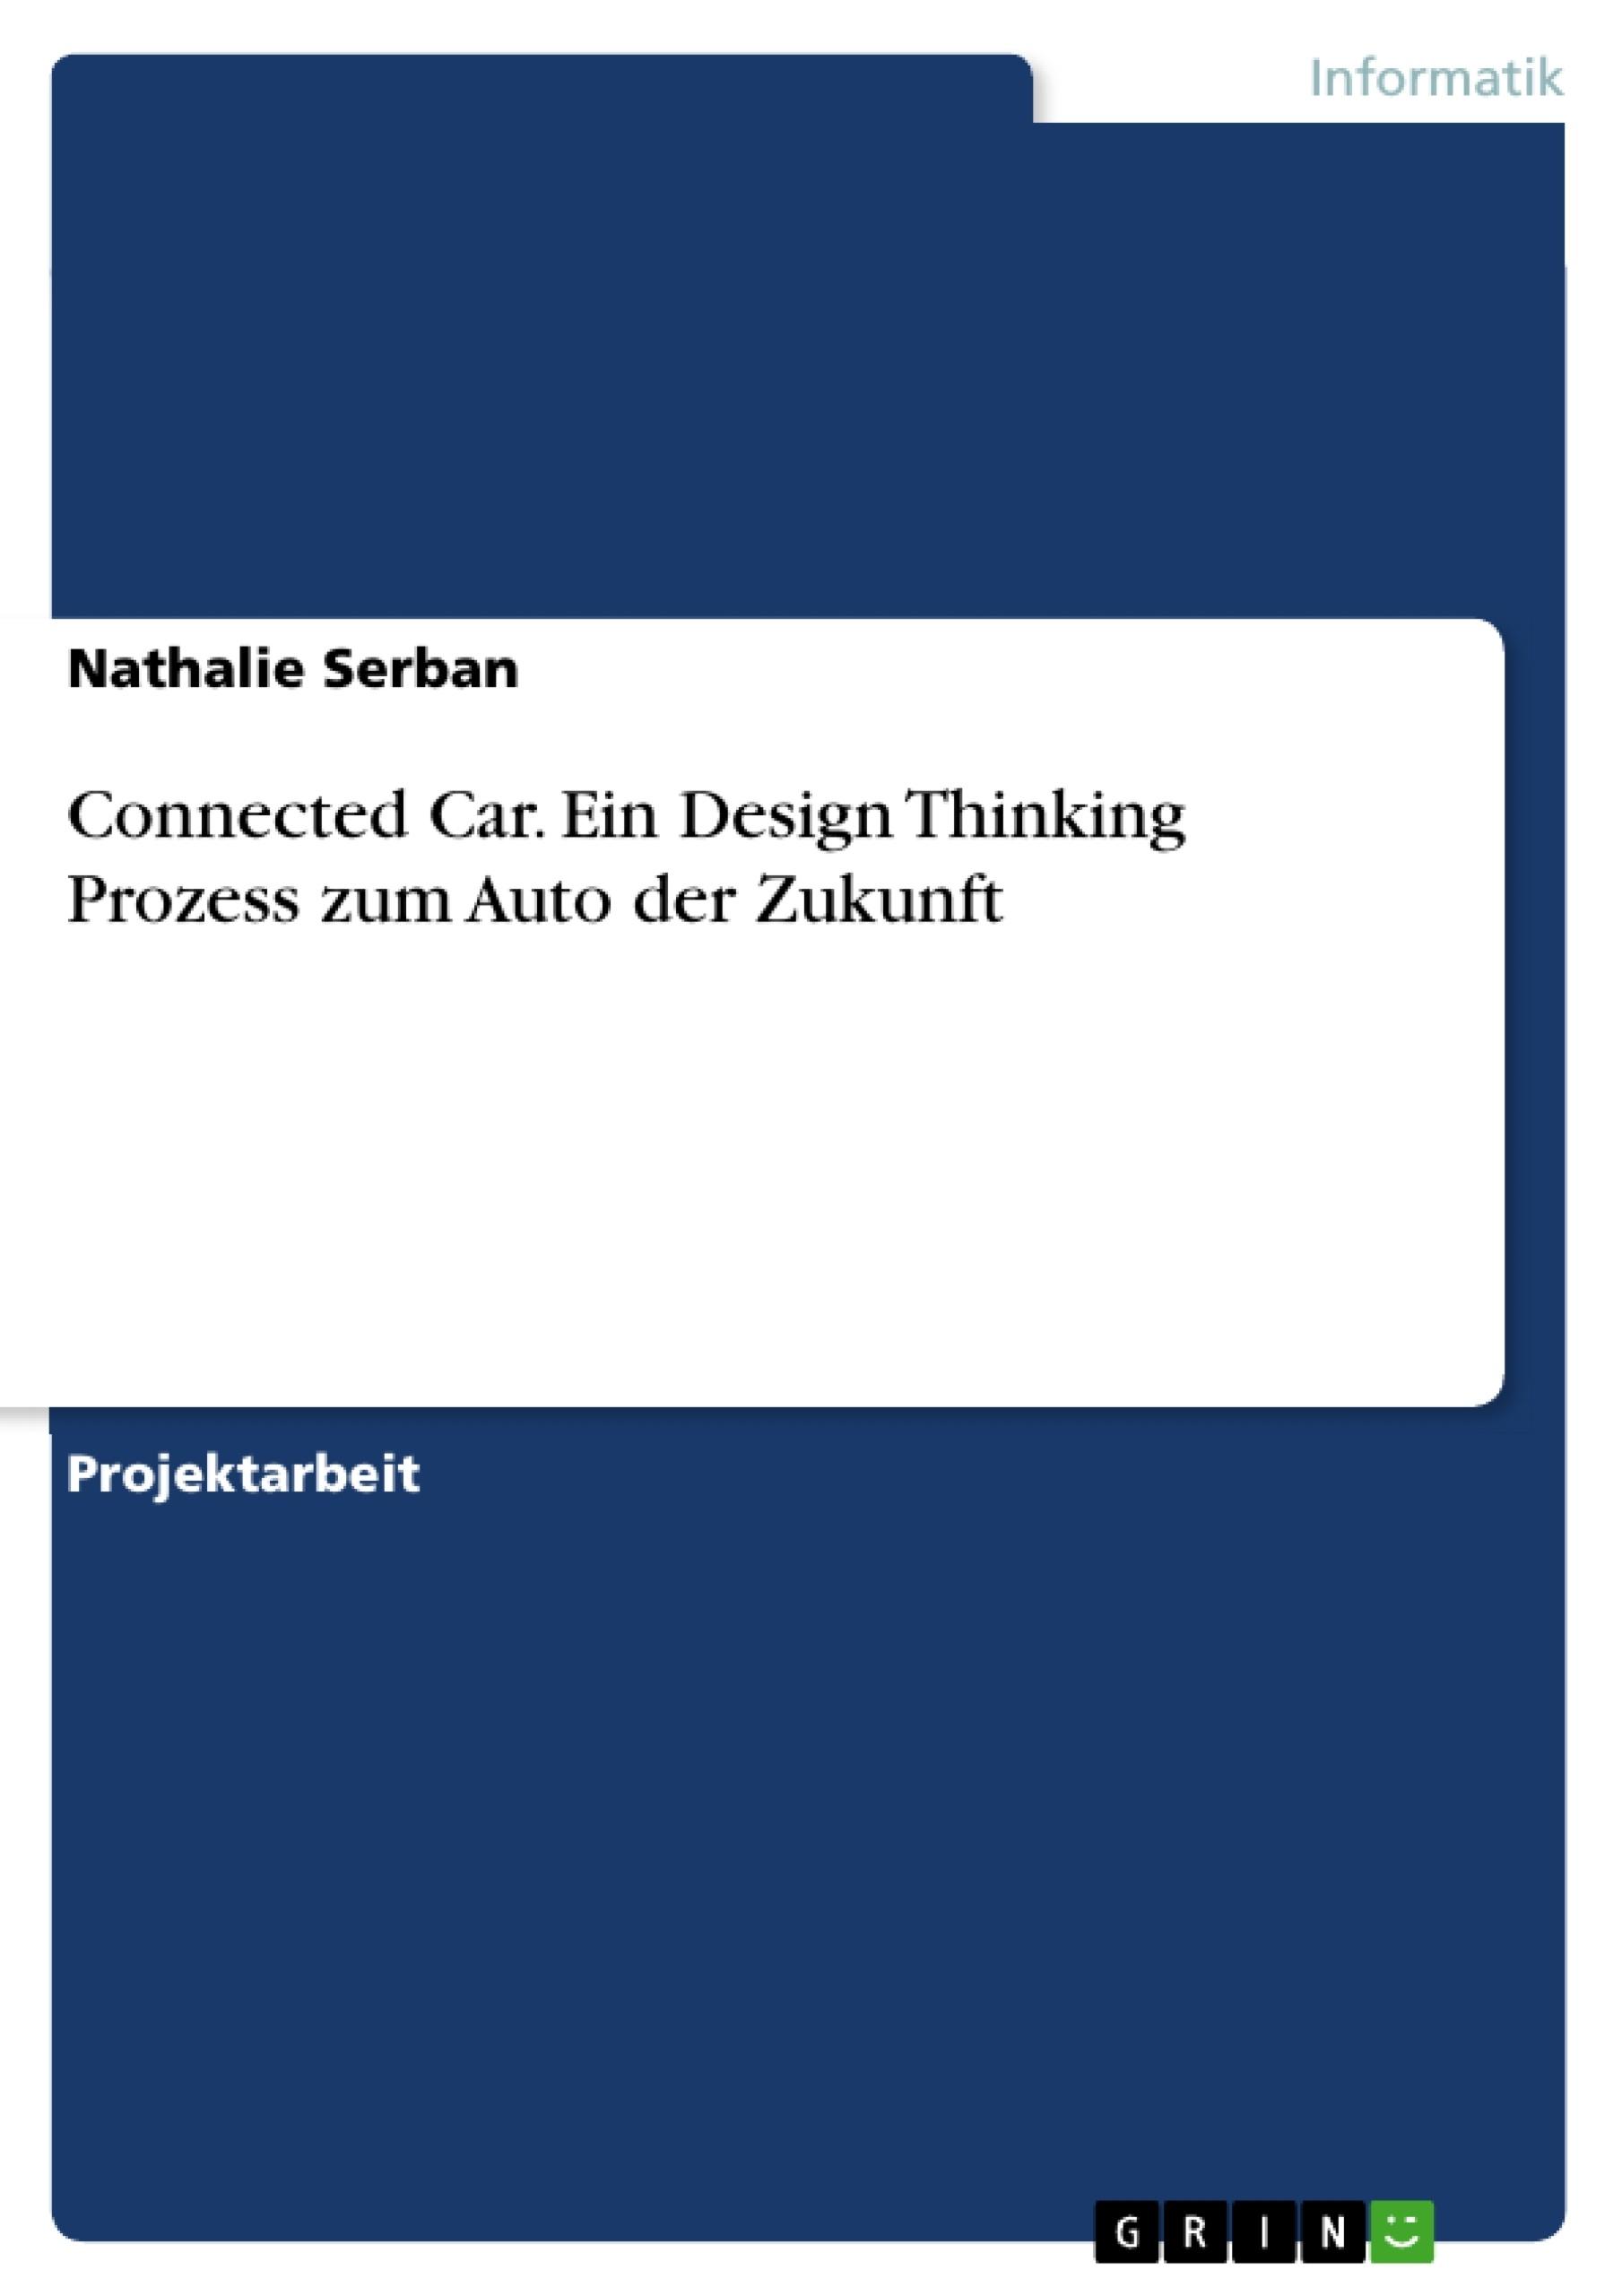 Titel: Connected Car. Ein Design Thinking Prozess zum Auto der Zukunft